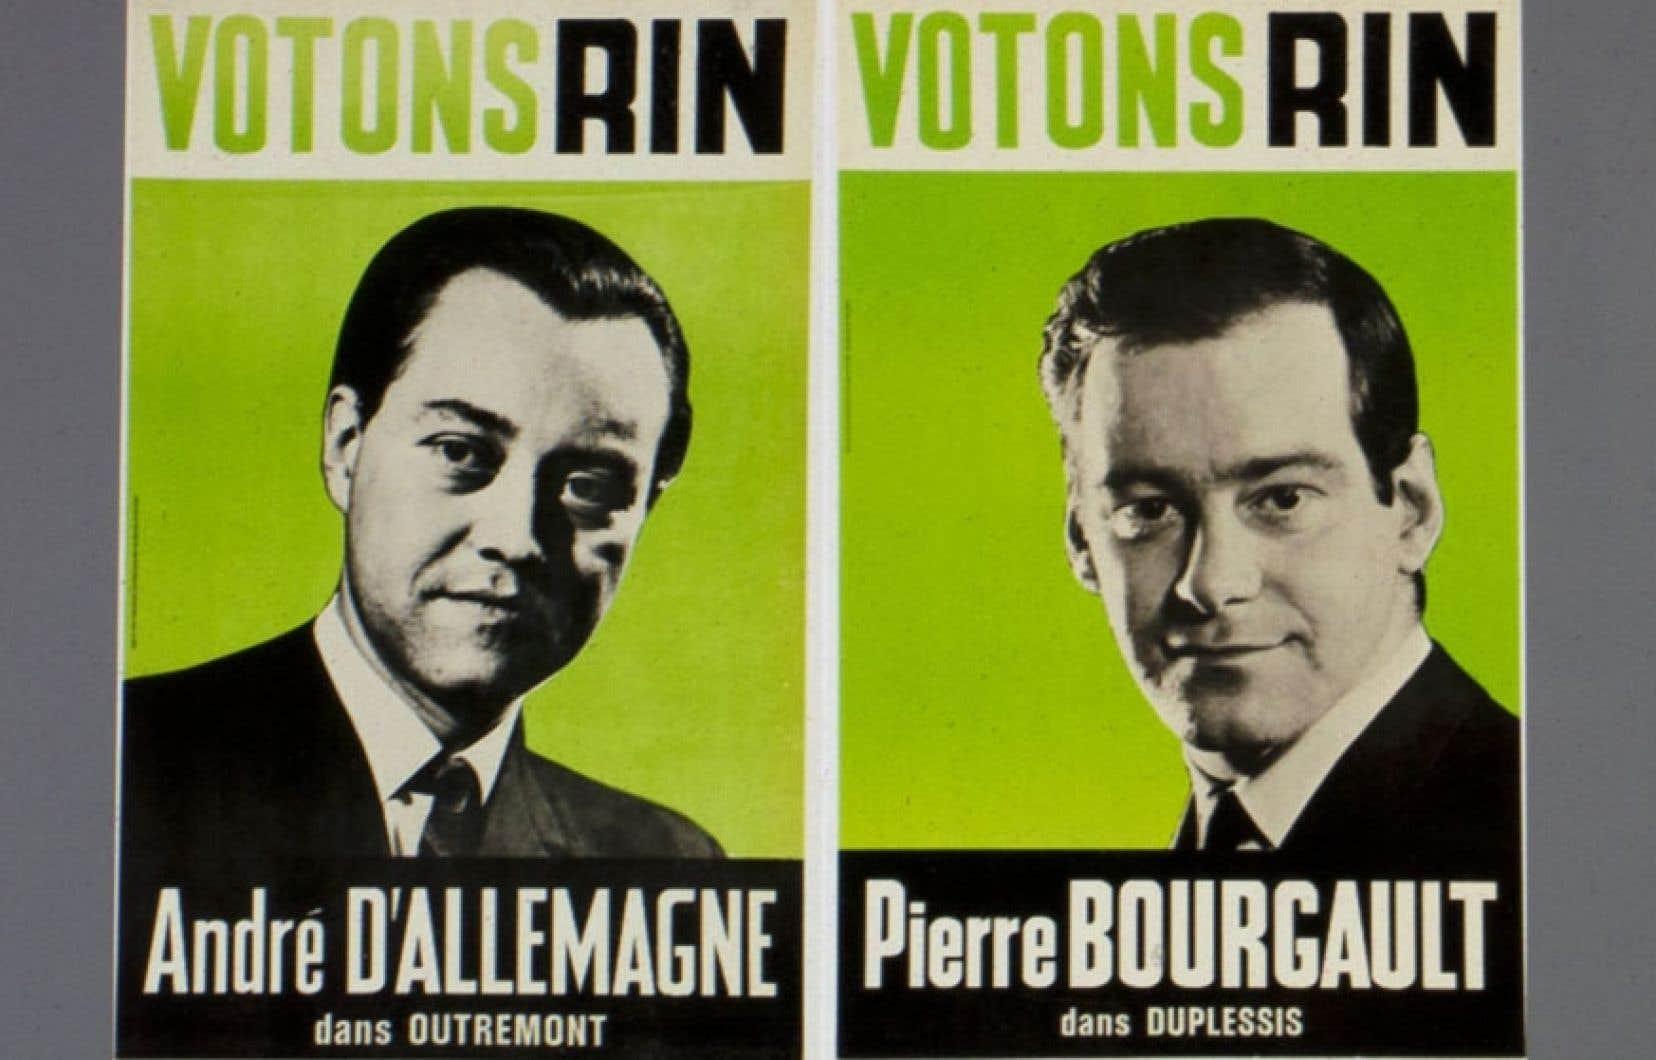 Les affiches des candidats du Rassemblement pour l'indépendance nationale (RIN), André D'Allemagne et Pierre Bourgault, lors de l'élection provinciale de 1966. L'esthétisme même du matériel publicitaire du RIN témoigne d'un nouveau type d'engagement en politique.